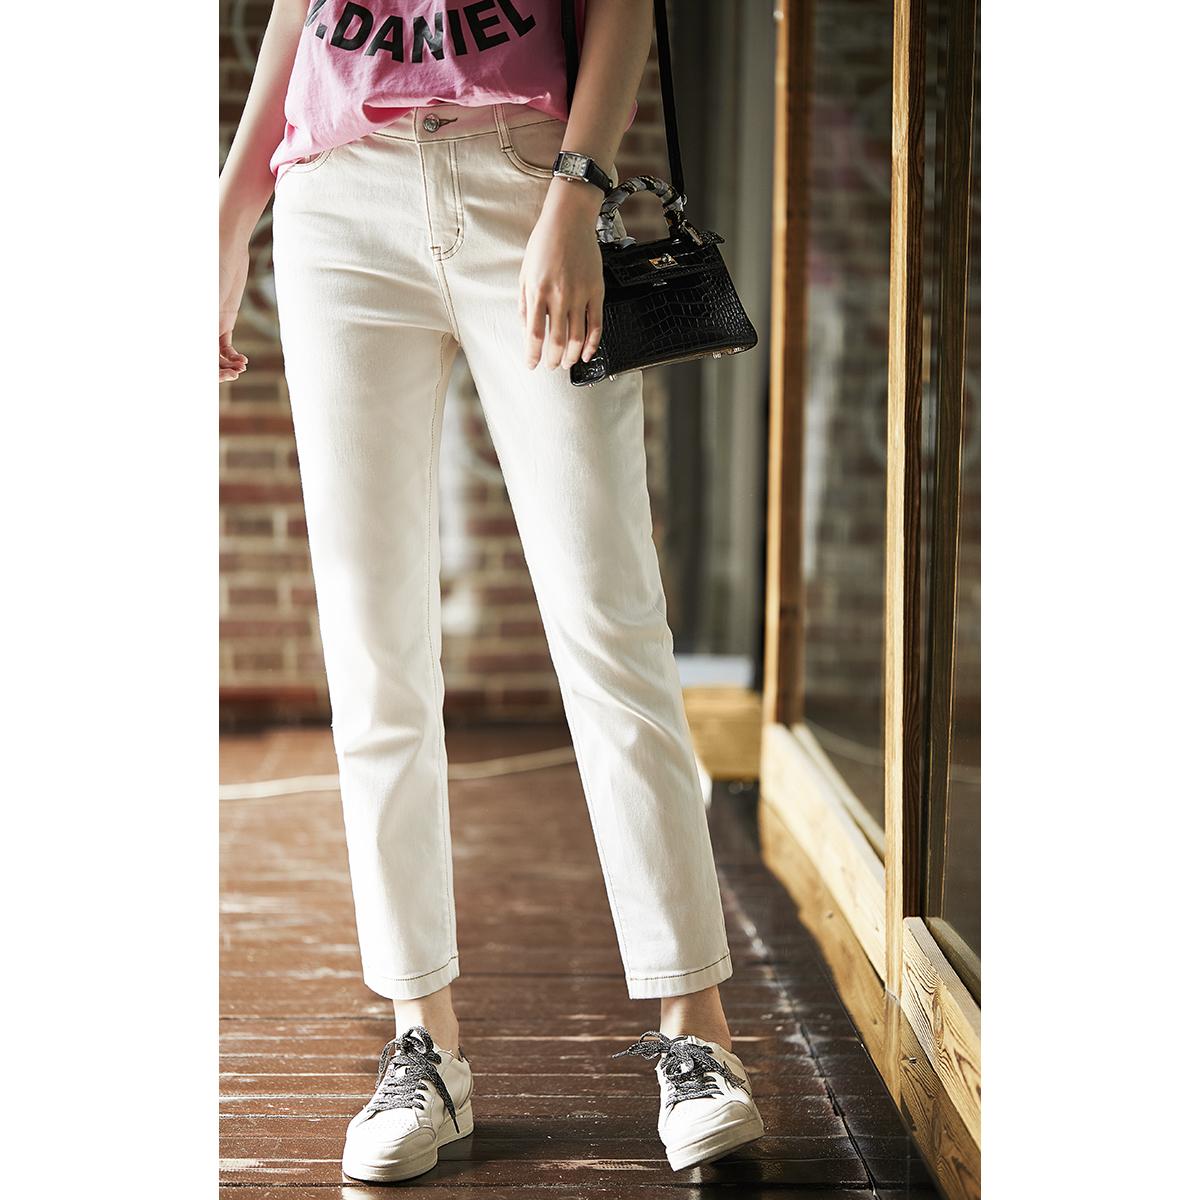 [KZ192835AG] 笑涵阁 力荐此裤!好显瘦!莱赛尔弹力白色牛仔裤